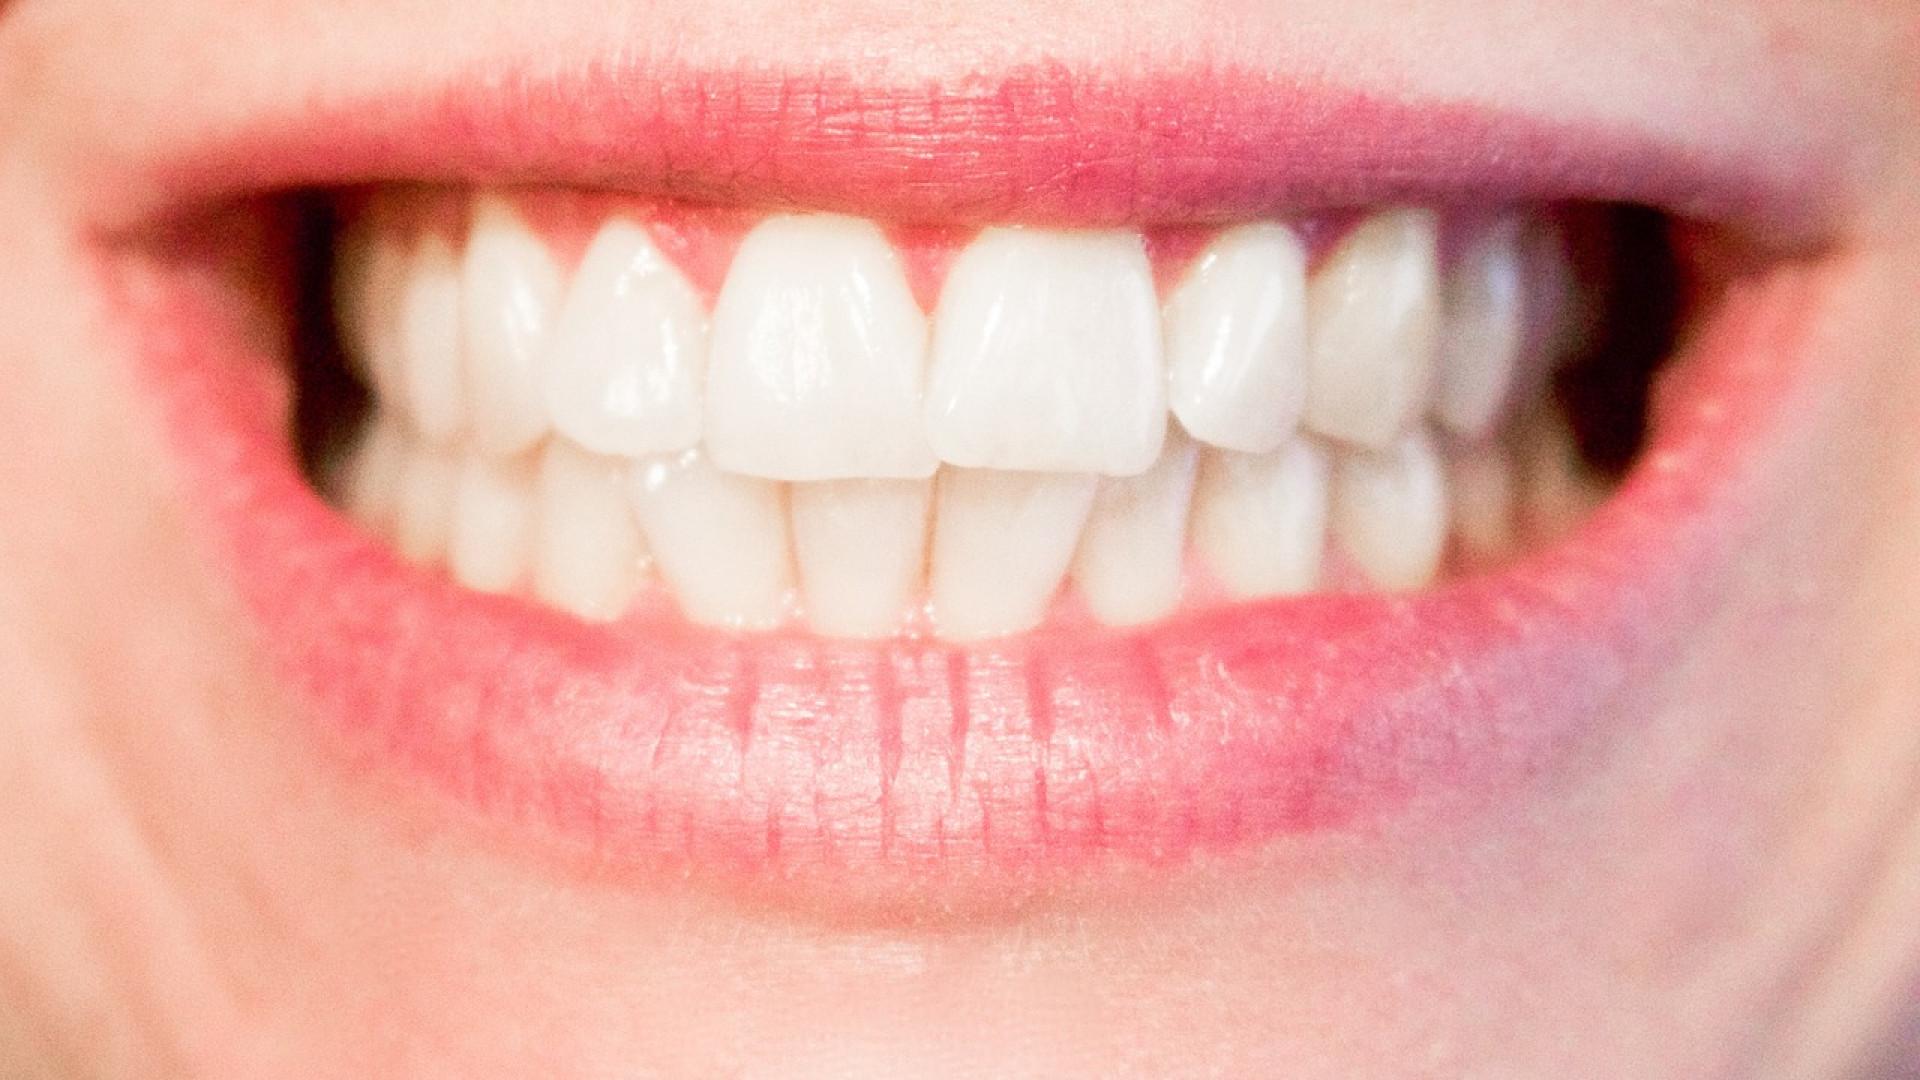 N'ayez plus peur de sourire grâce à l'implant dentaire